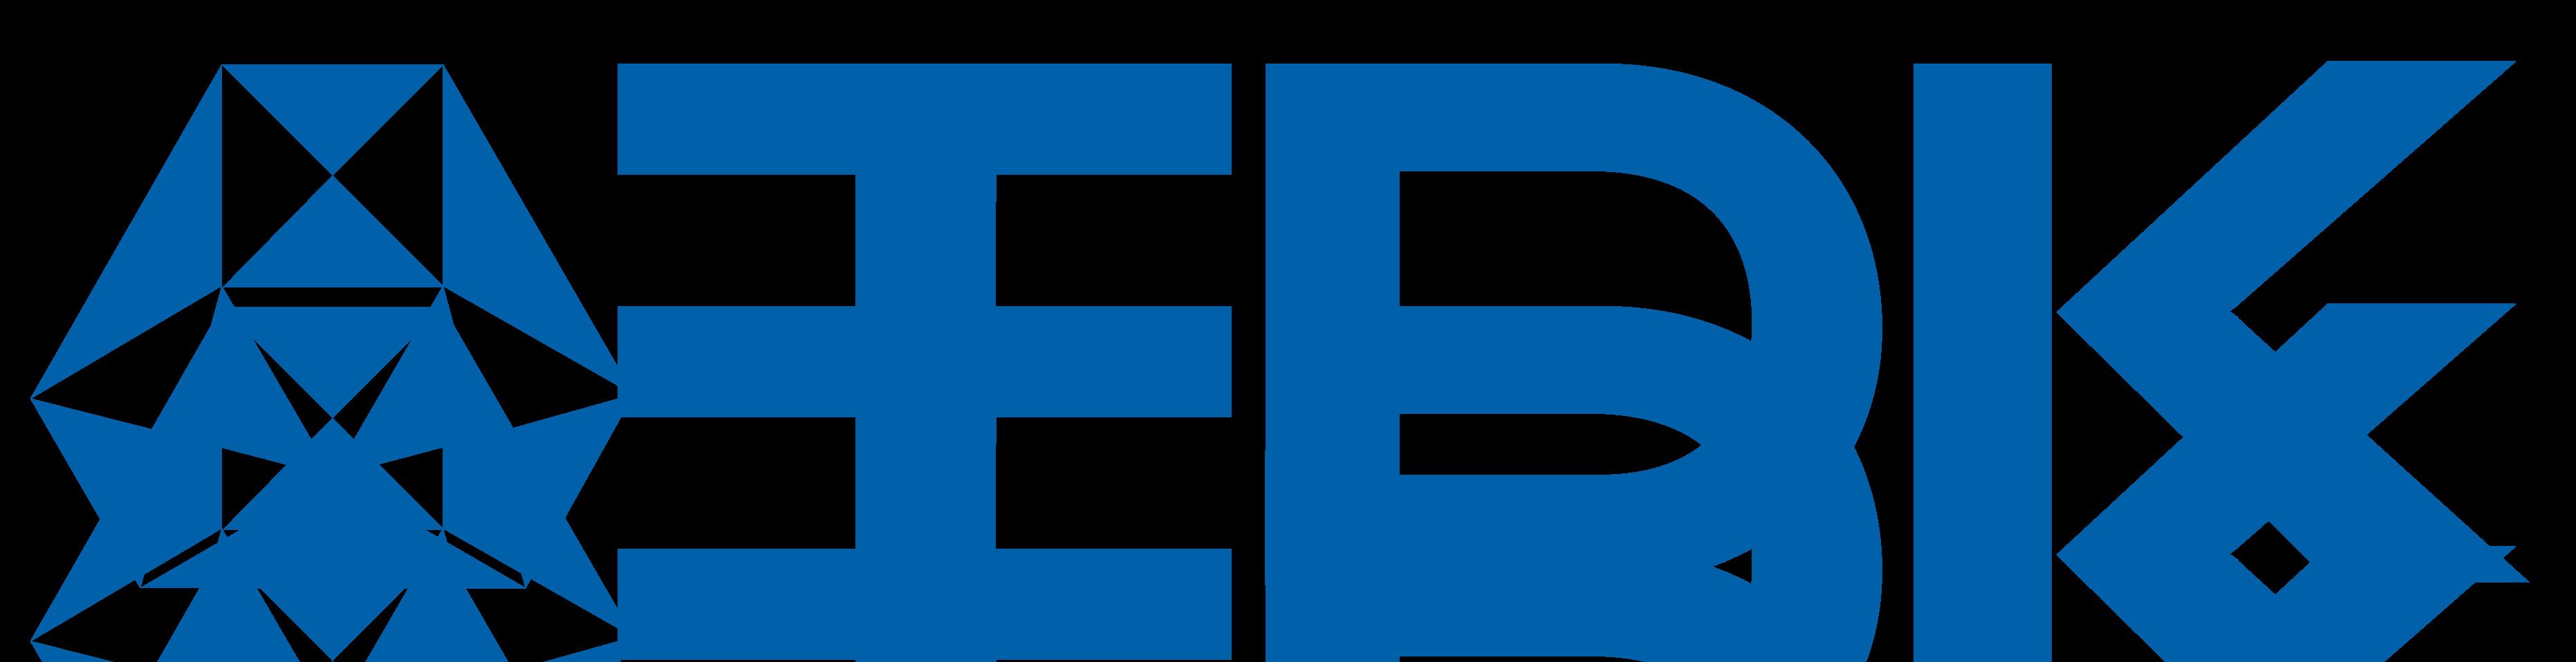 TDK Electronics Group/TDK EuropeLogo Image